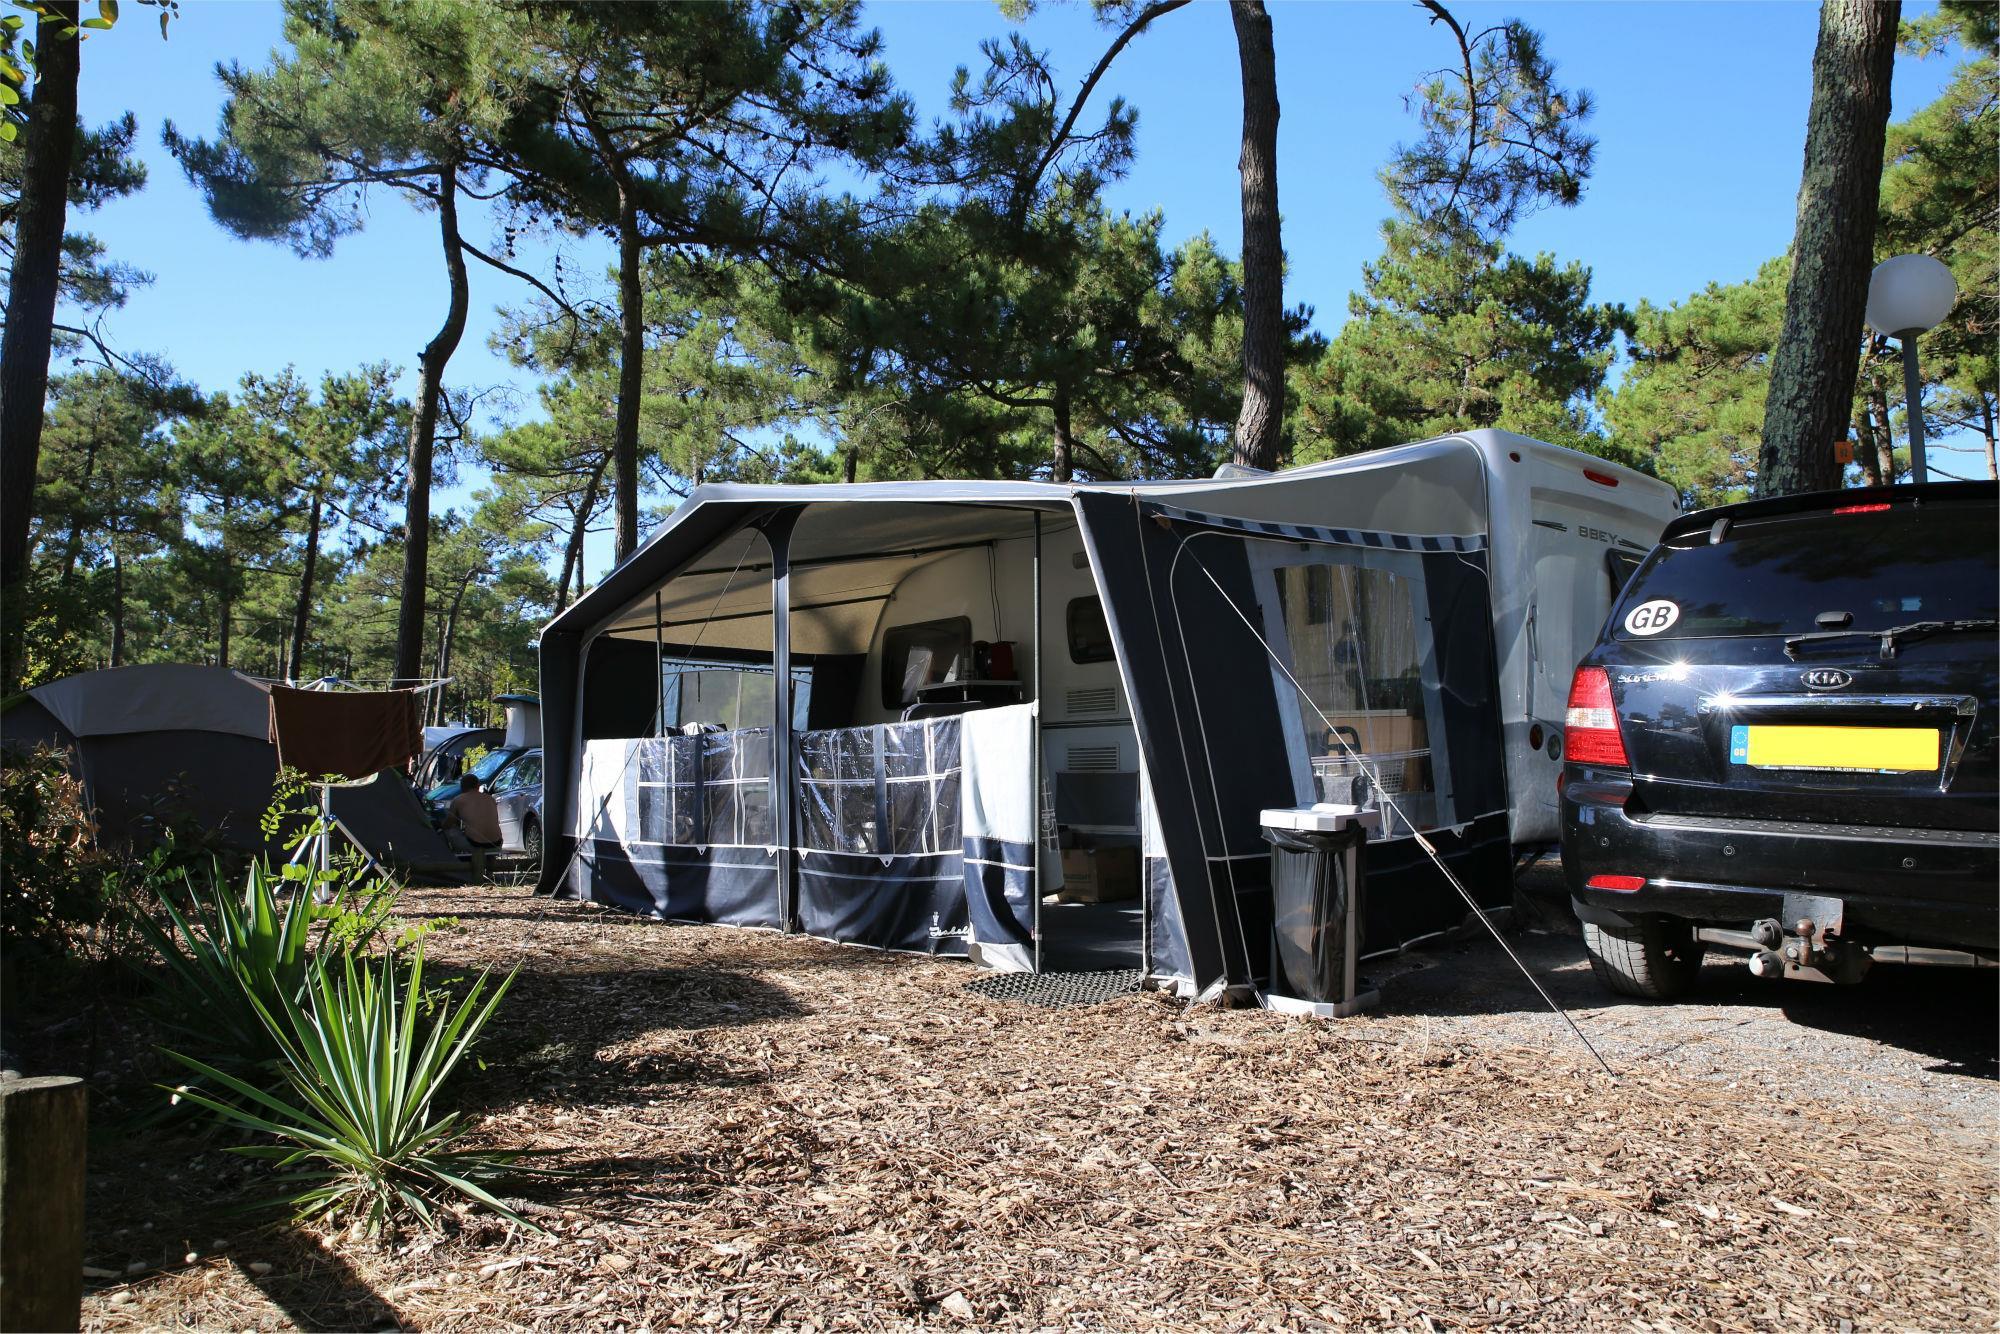 Emplacement - Emplacement + 1 Voiture + Tente, Caravane Ou Camping-Car + Électricité - Camping Airotel l'Océan